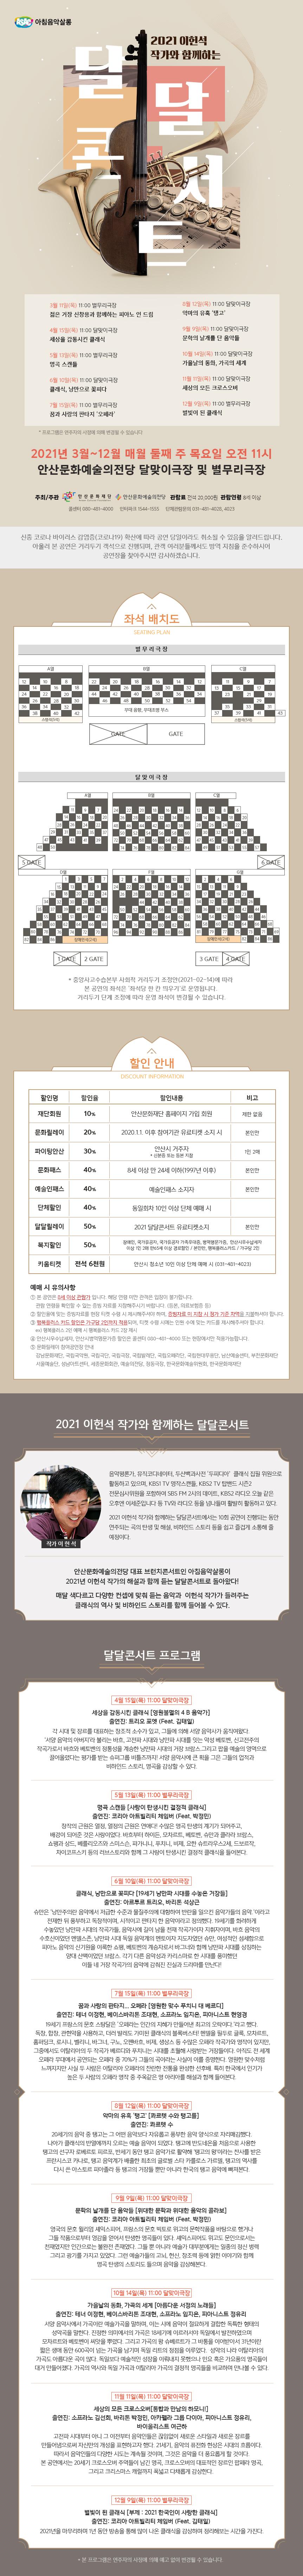 2021 이헌석 작가와 함께하는 달달콘서트